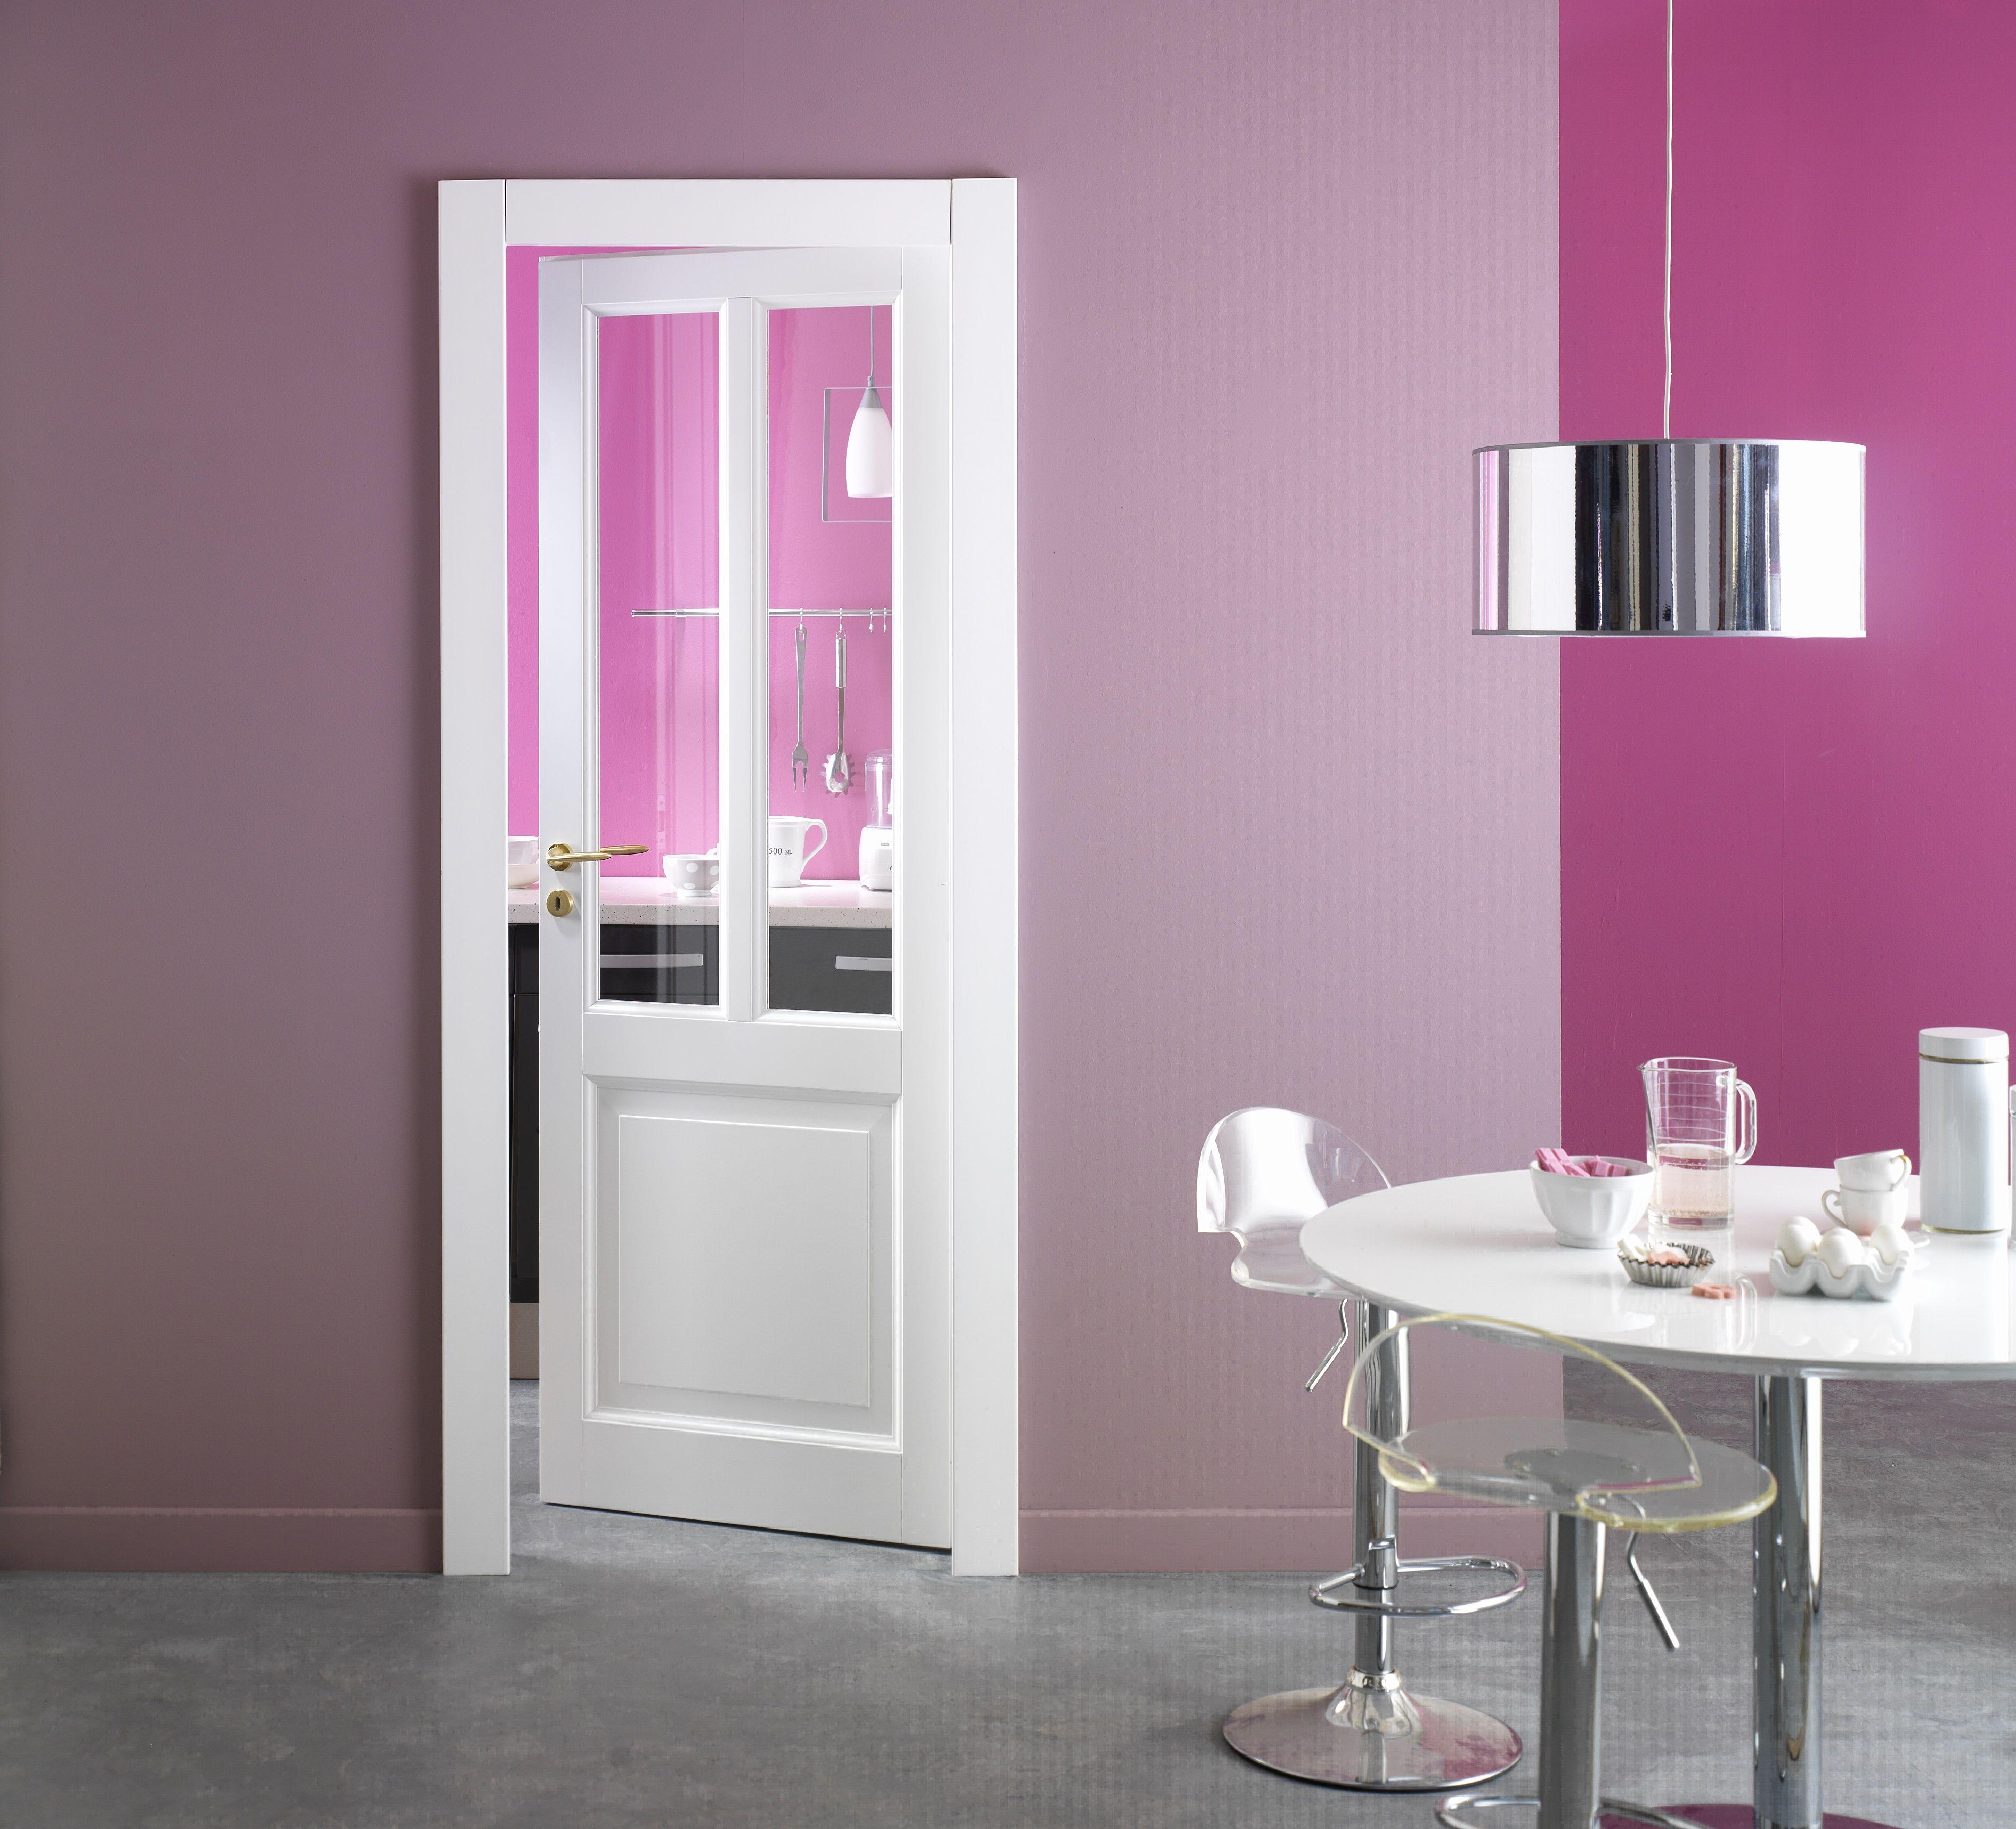 porte d 39 int rieur blanche vitr e mod le maryline portes d 39 int rieur en 2019 bathroom. Black Bedroom Furniture Sets. Home Design Ideas